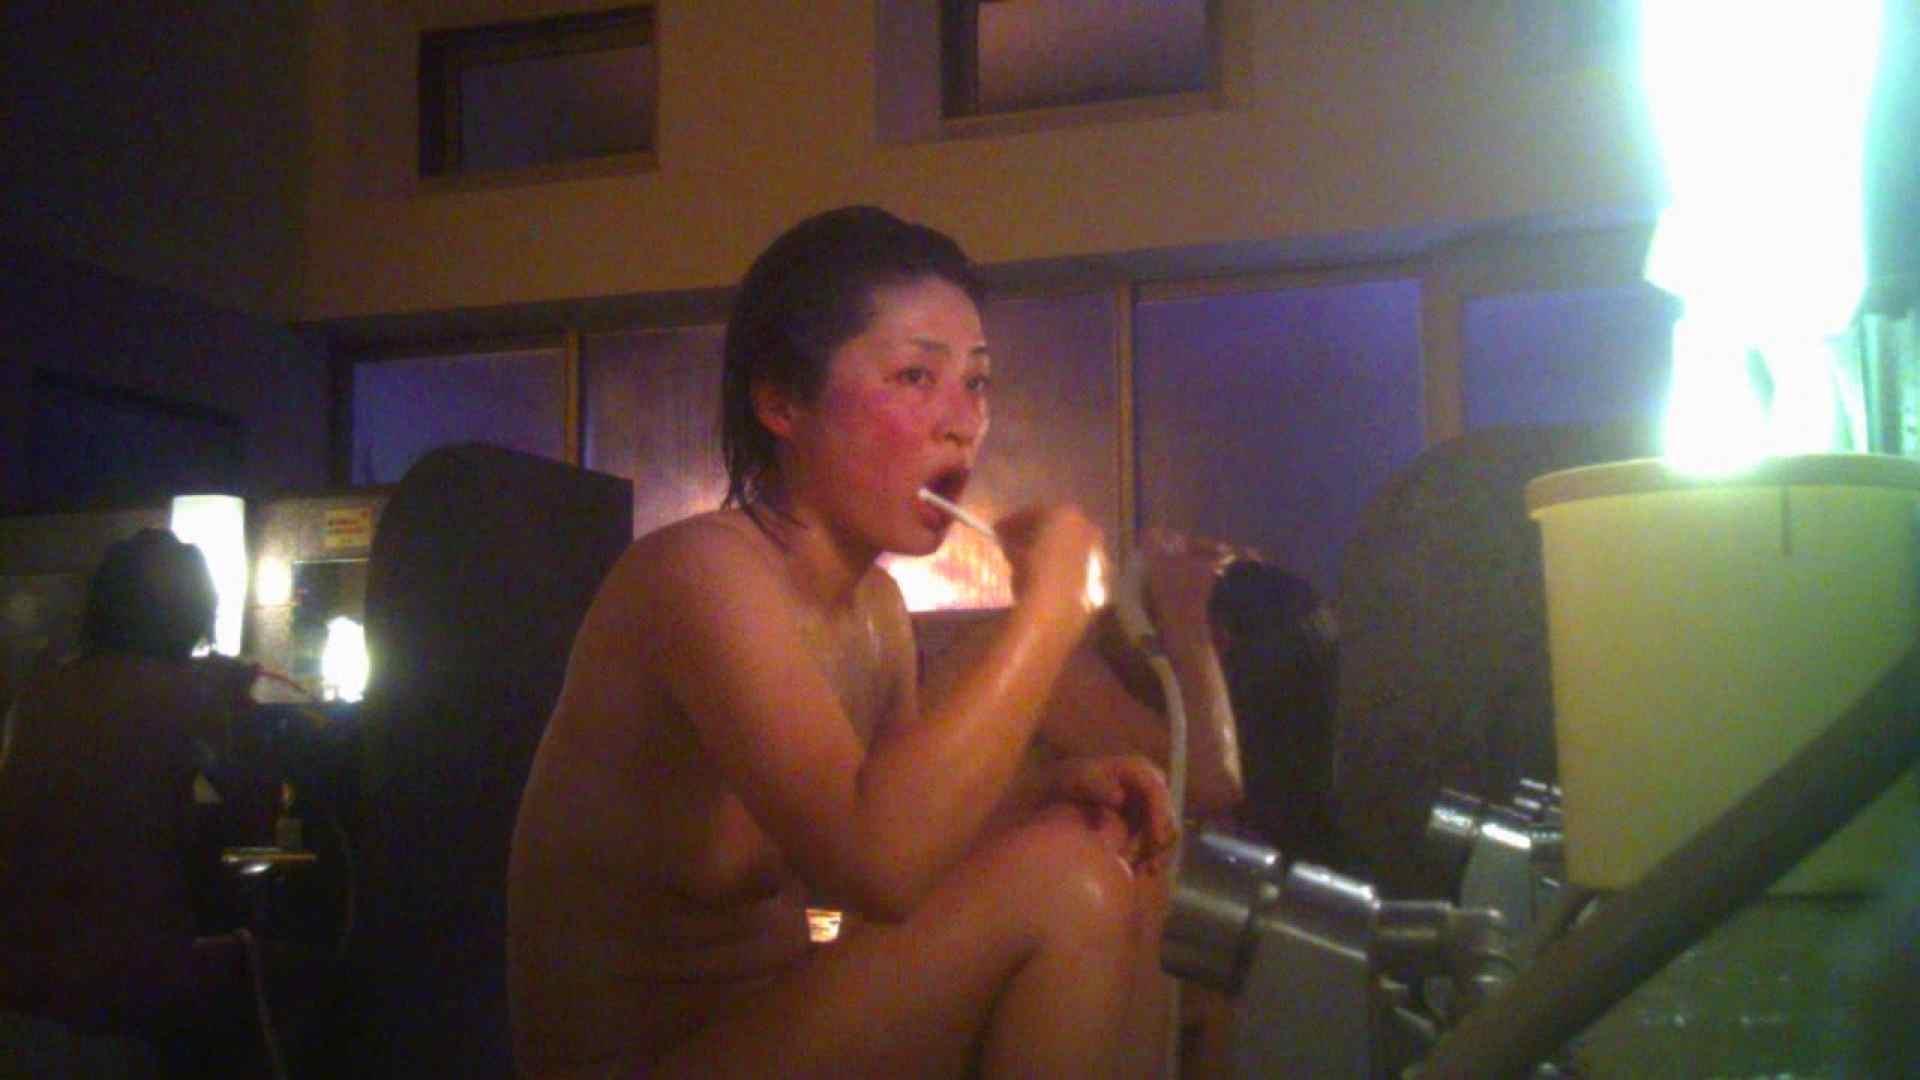 TG.21 【上等兵】井戸端会議が大好きな奥さん 女風呂  92連発 88